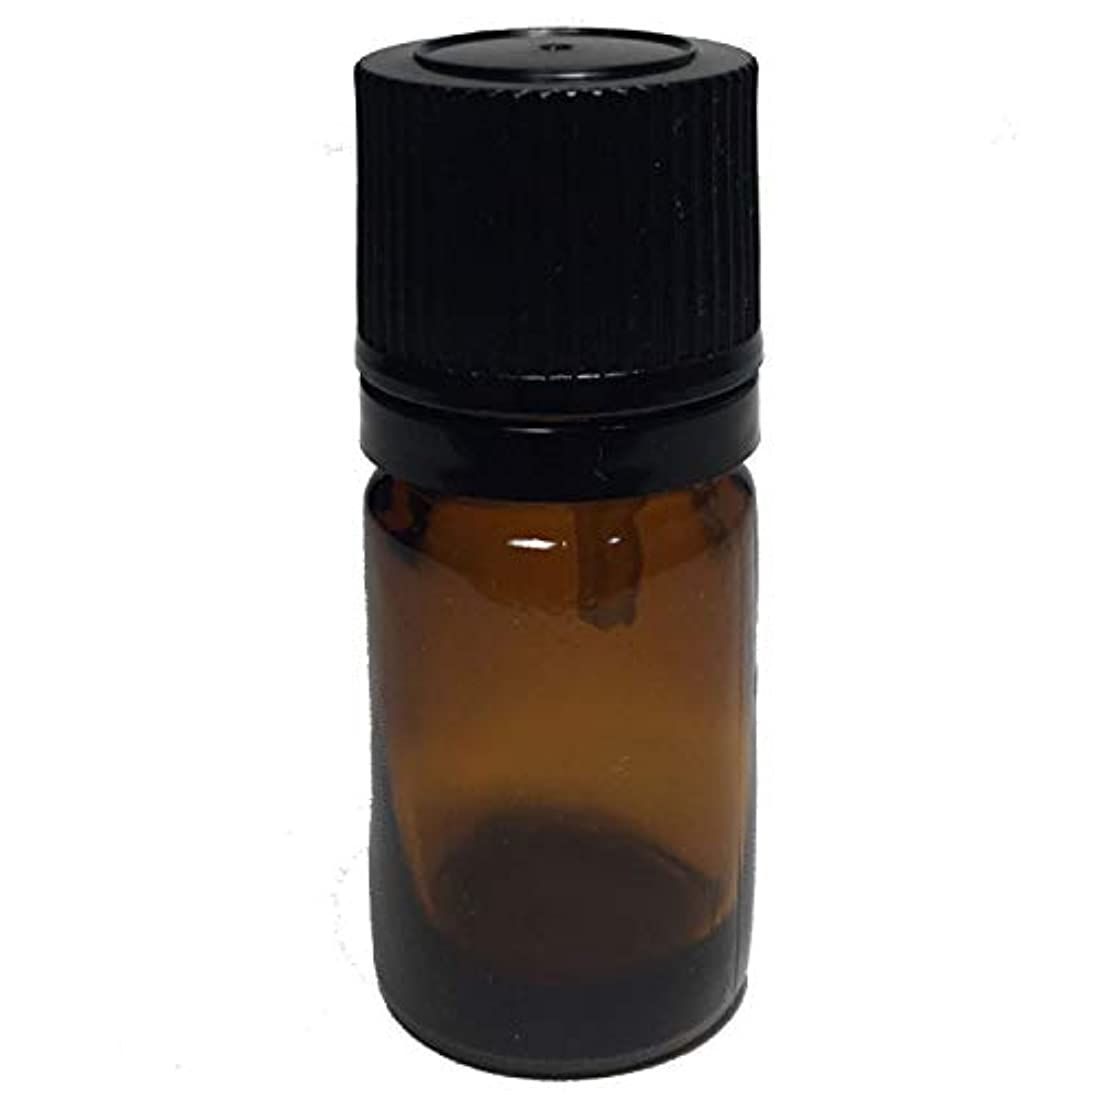 類似性保安火山学者エッセンシャルオイル用茶色遮光瓶 ドロッパー付き(黒キャップ) 5ml ガラスビン 10本セット